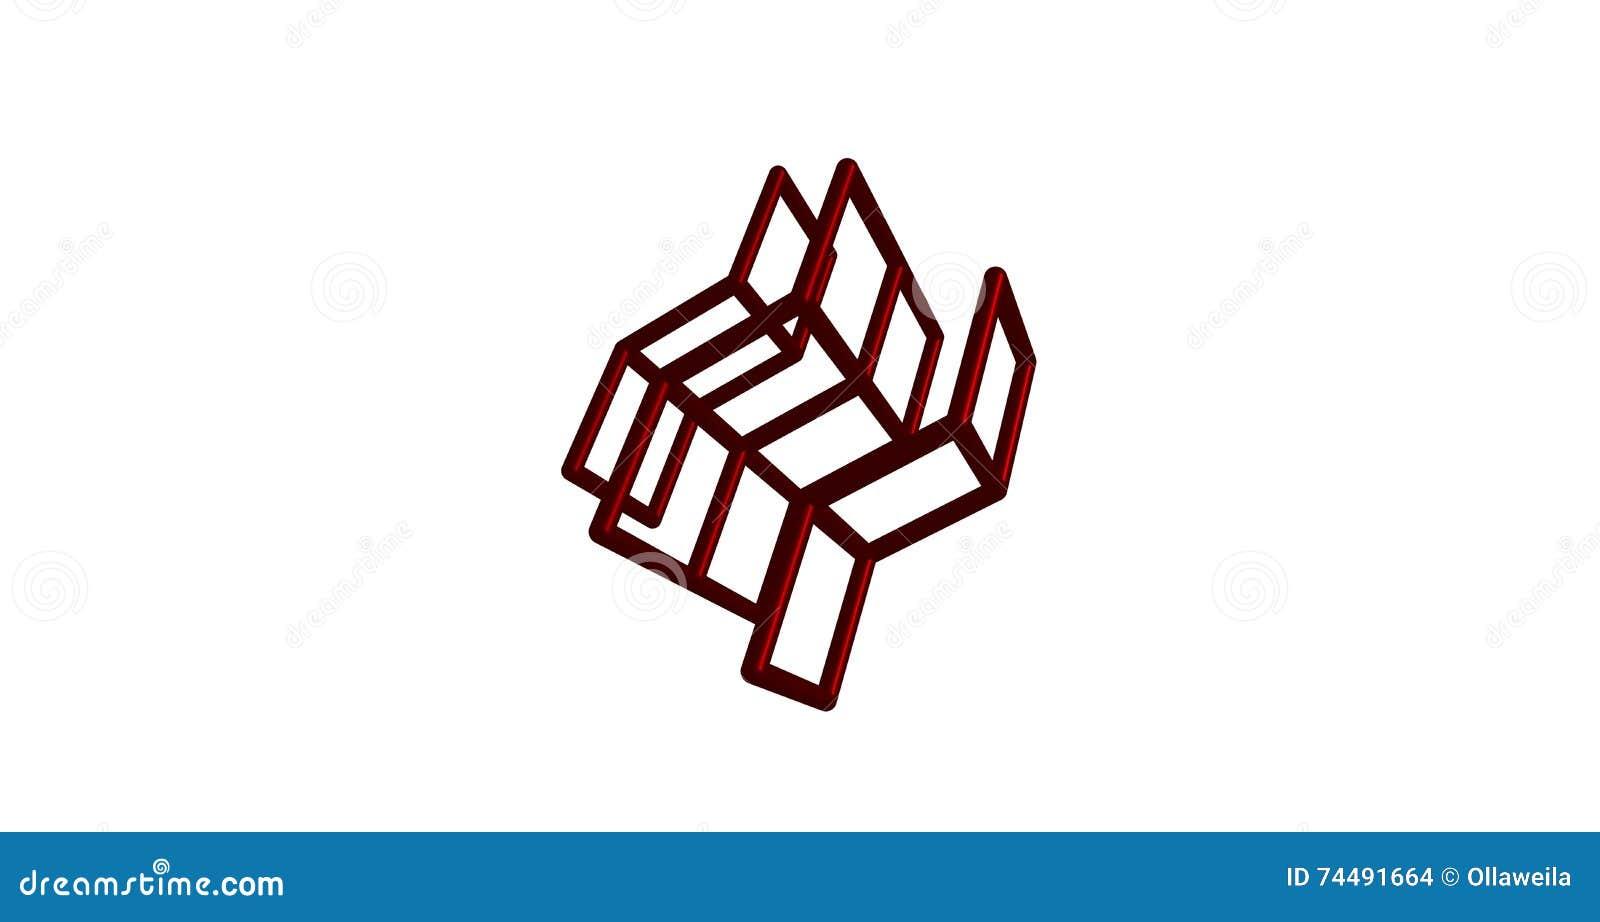 Uranium molecular structure isolated on white stock illustration uranium molecular structure isolated on white symbol substance buycottarizona Images